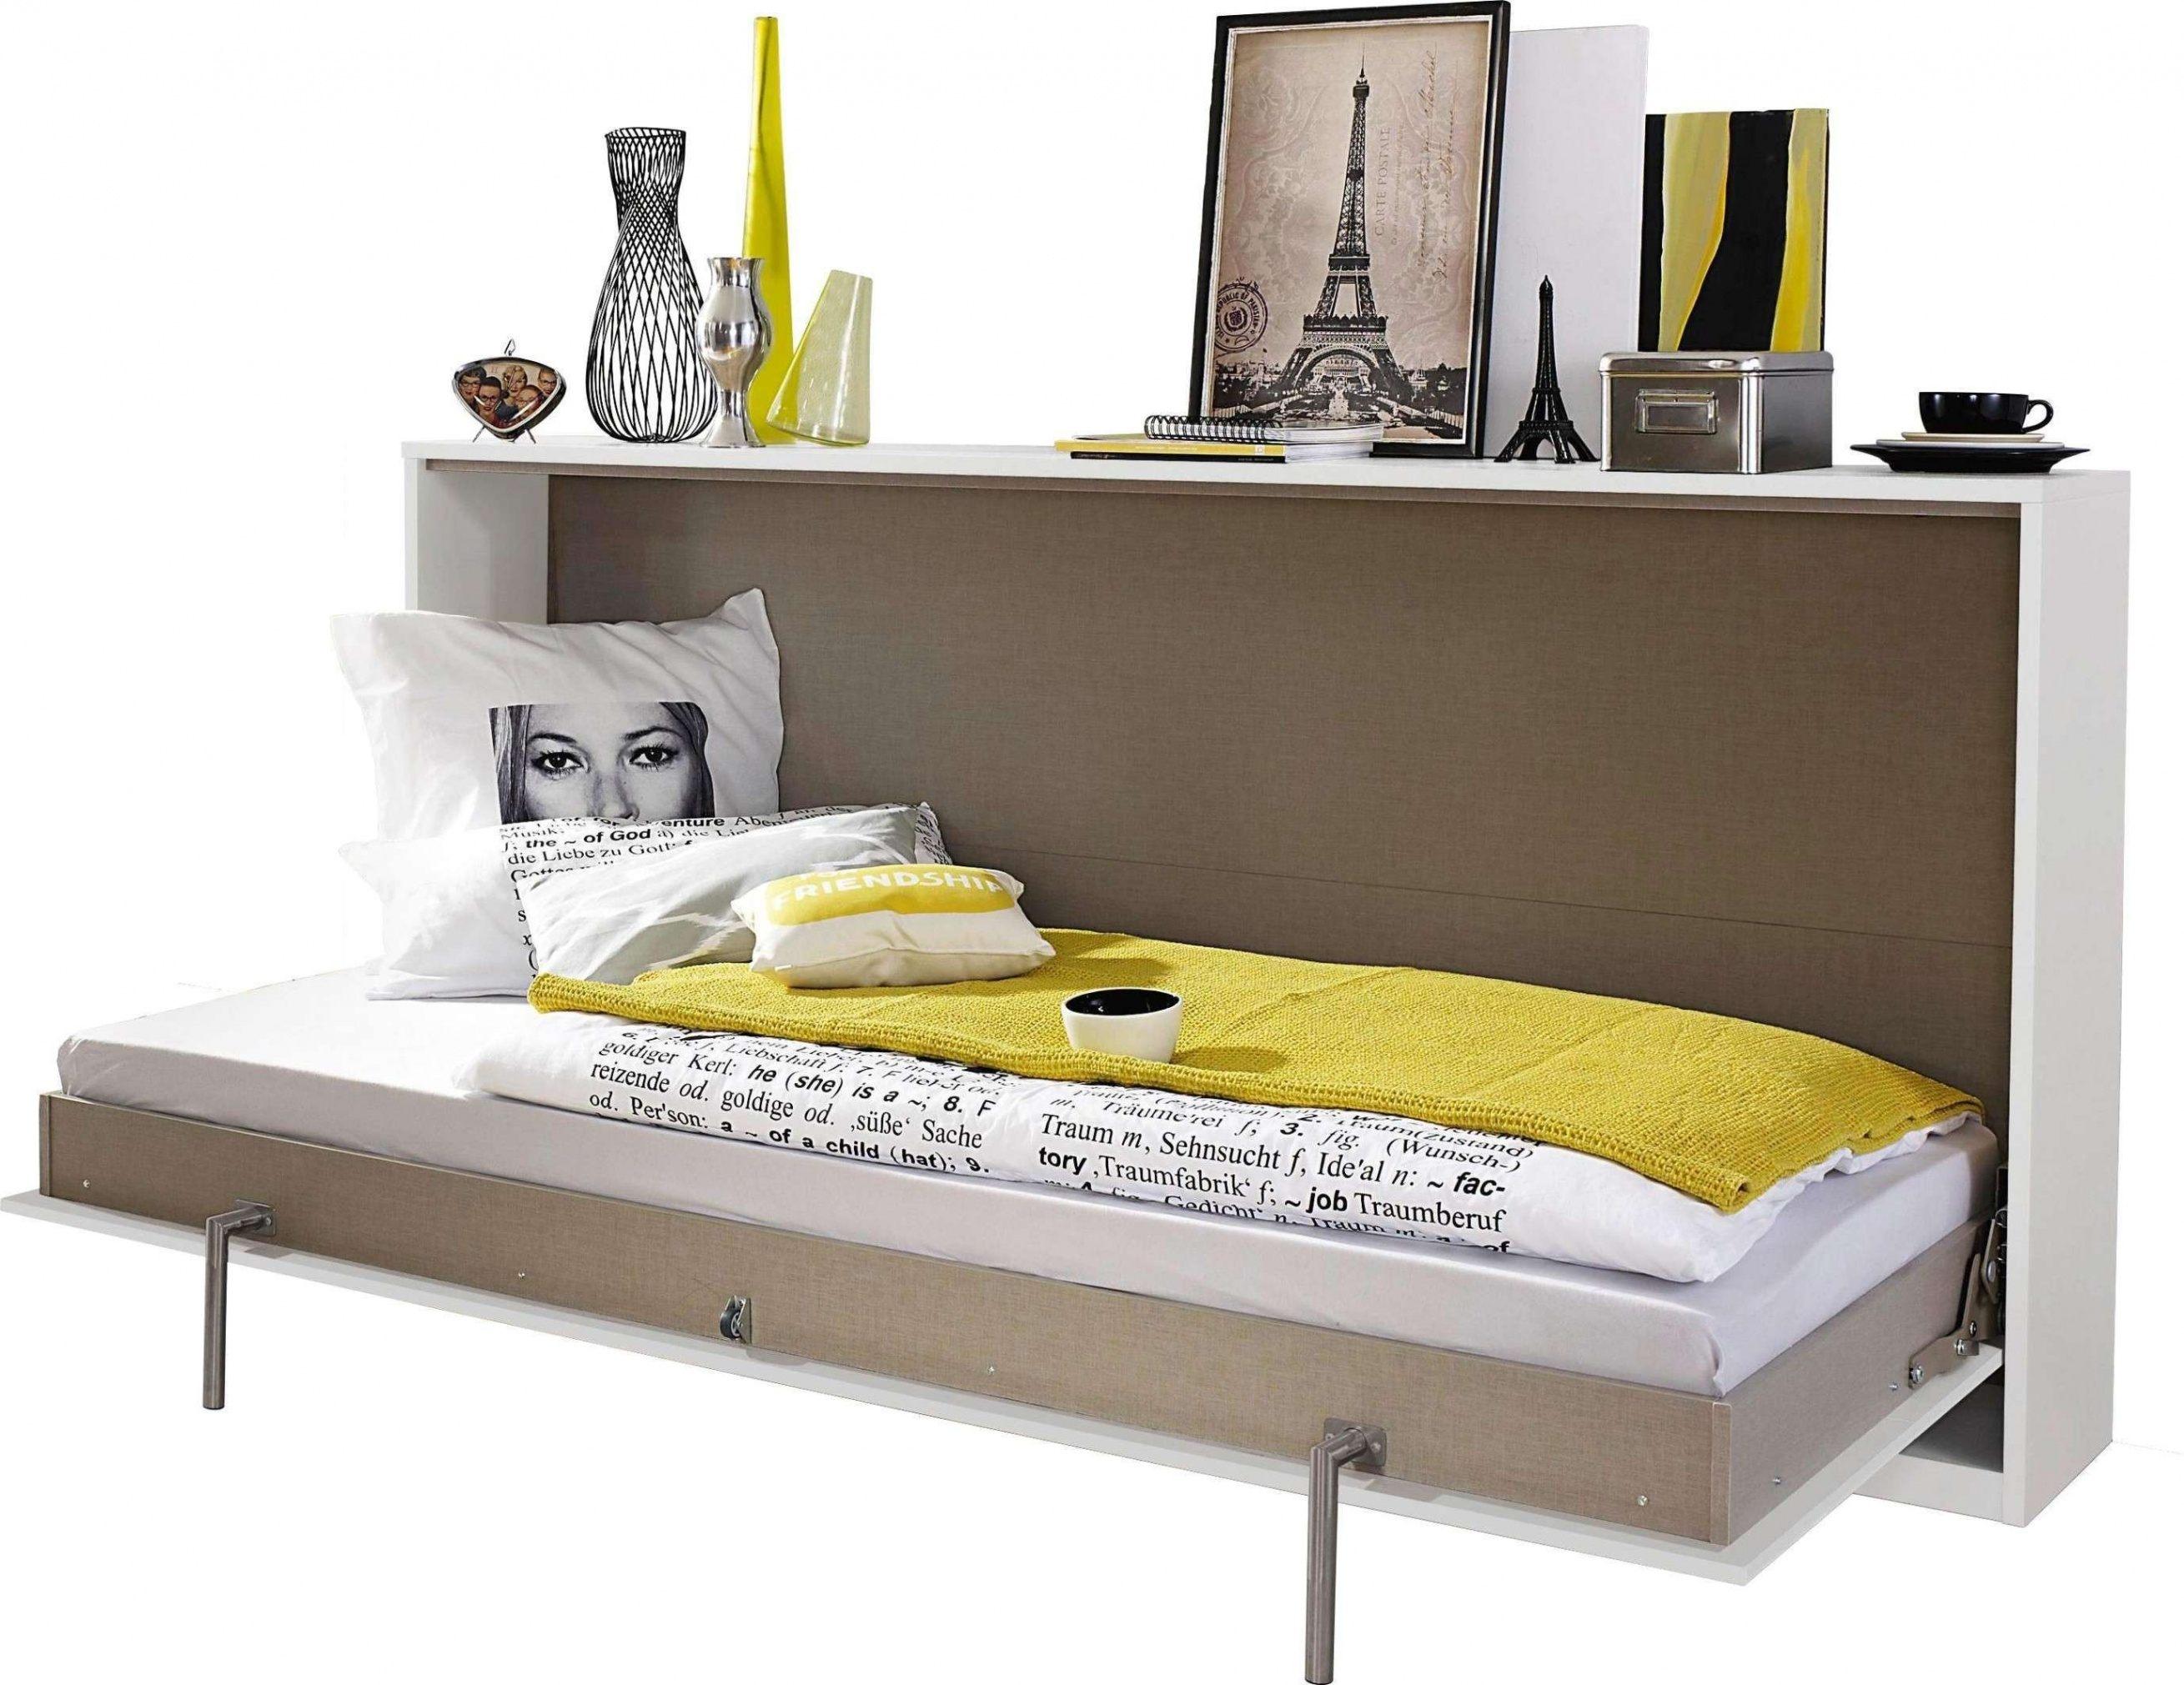 Ikea Couvre Lit Fraîche Tete De Lit Design 160 Beau Stock Couvre Lit Design Best Tete De Lit